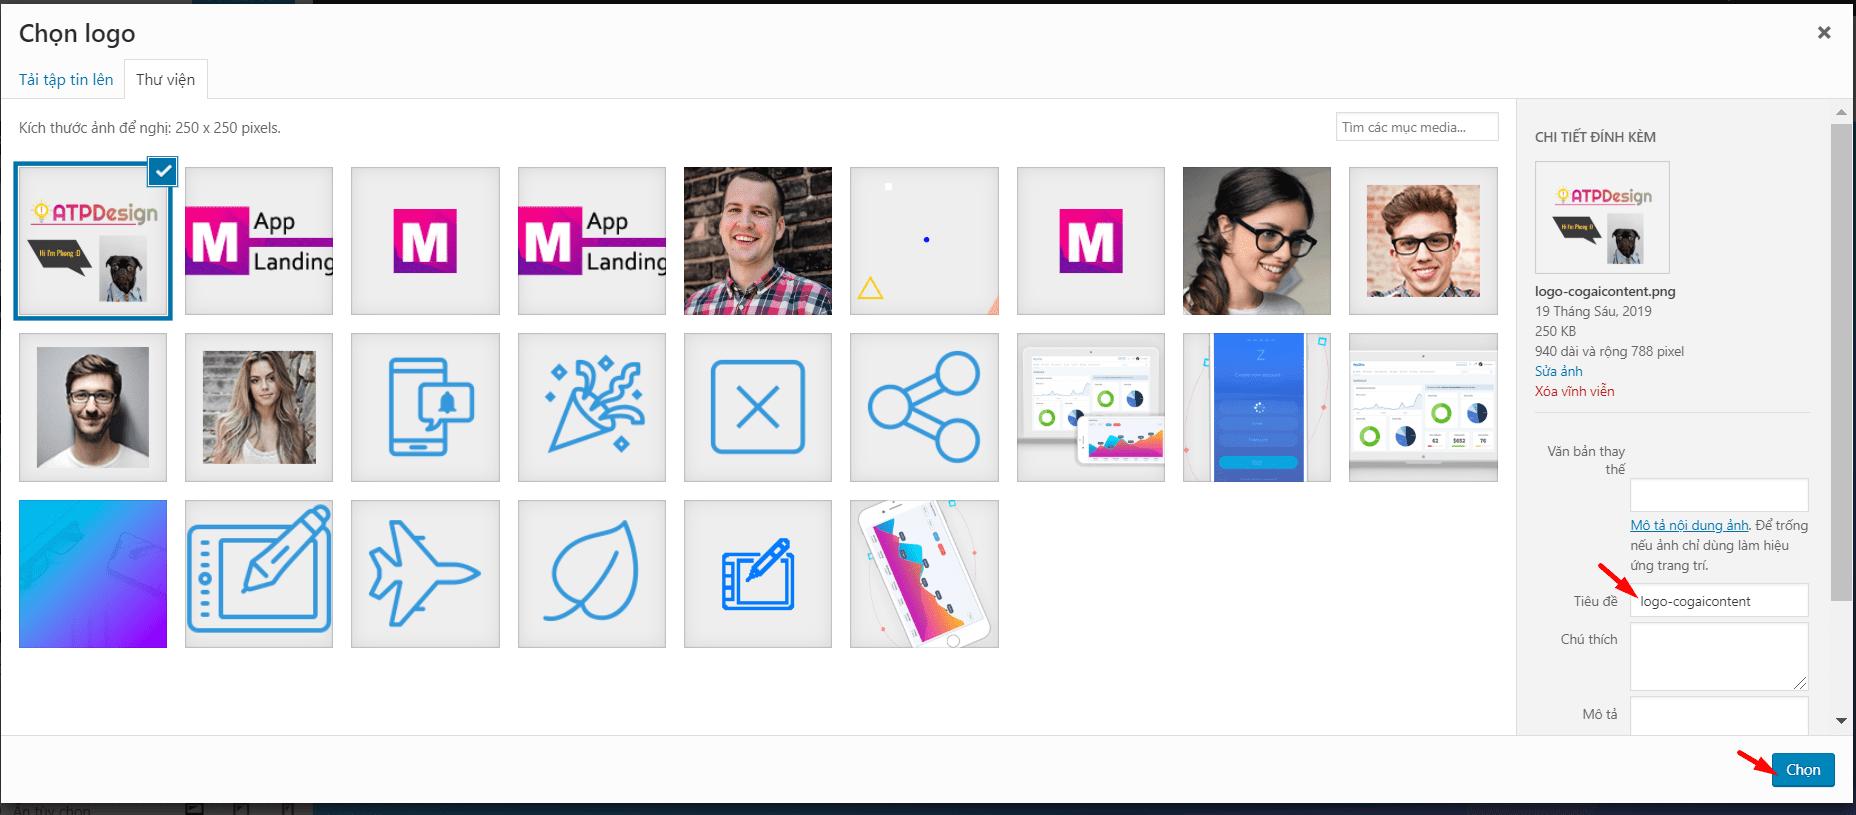 Screenshot 66 - Hướng dẫn tự thiết kế website không cần dùng code cho người mới bắt đầu từ A-Z